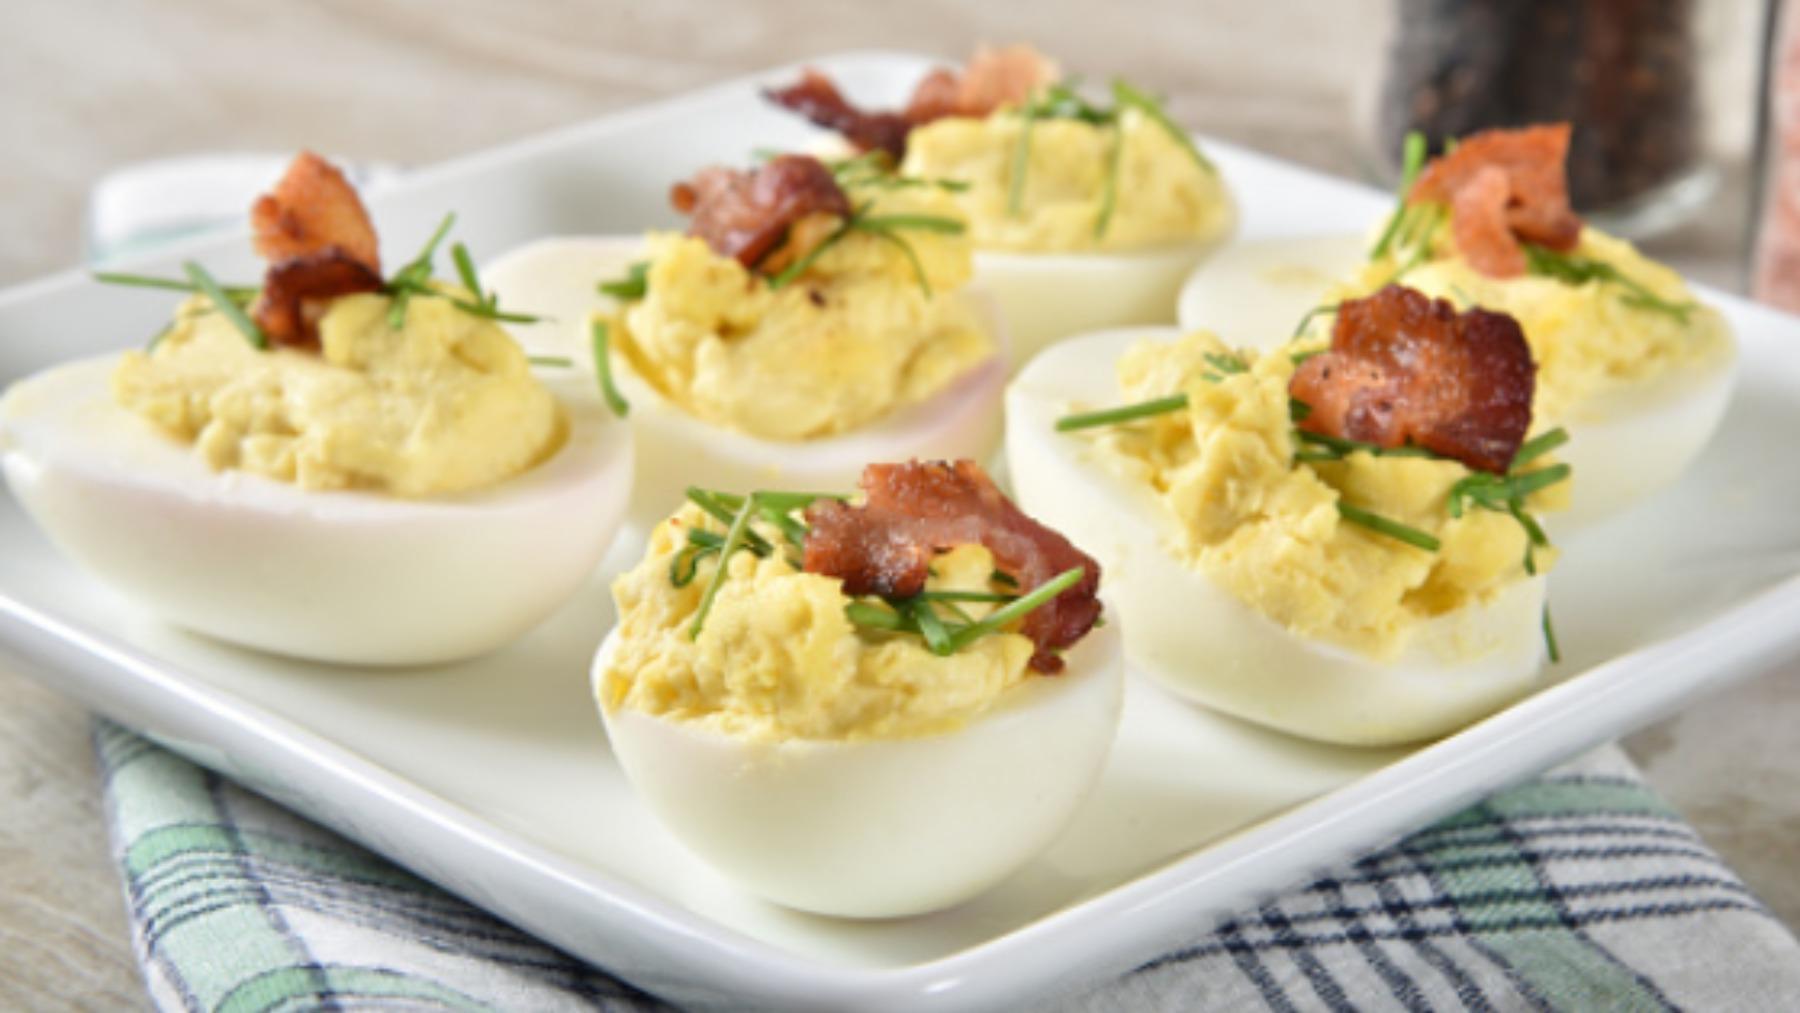 Las 5 recetas de huevos rellenos más refrescantes, originales y deliciosas del verano